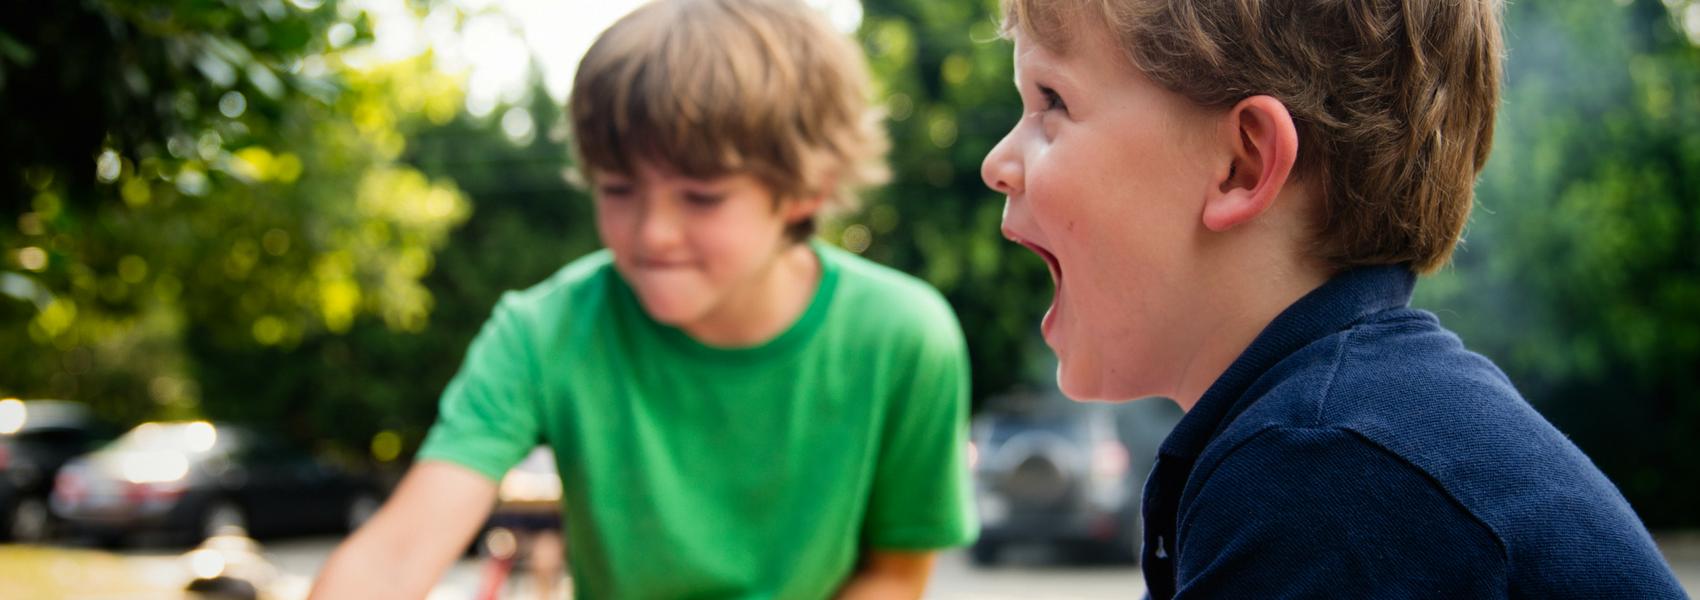 Crianças a brincar numa escola